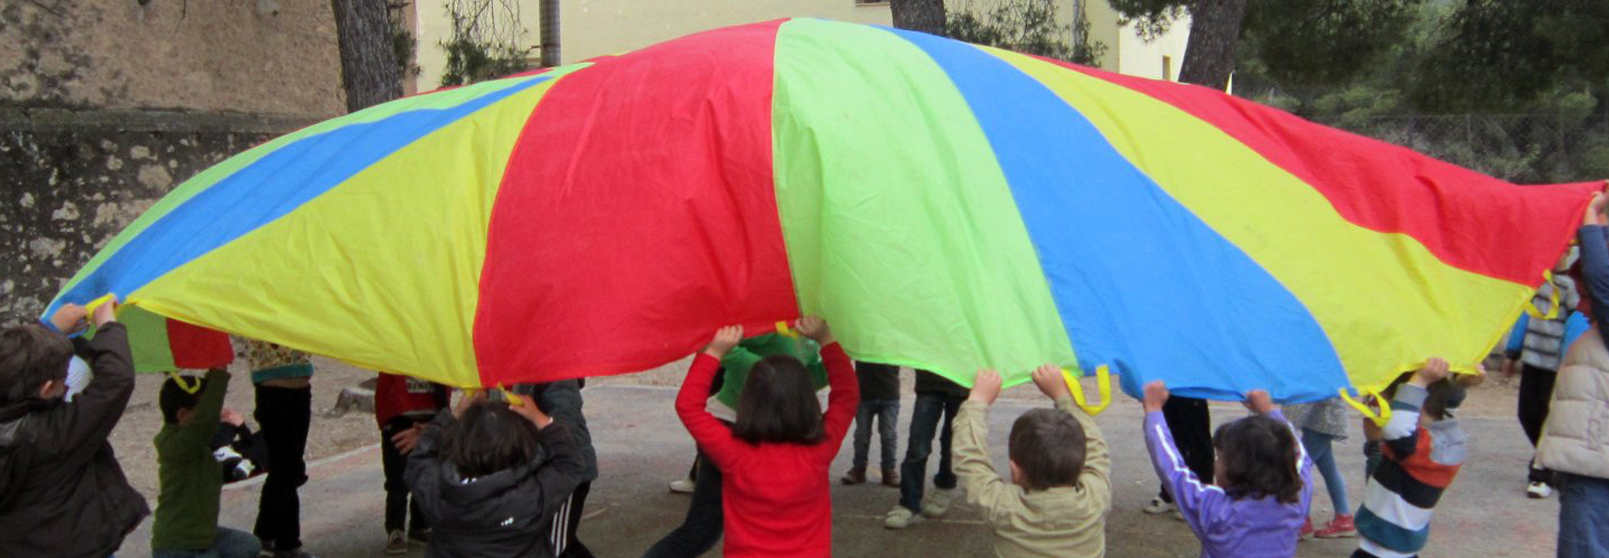 activitats-infantils